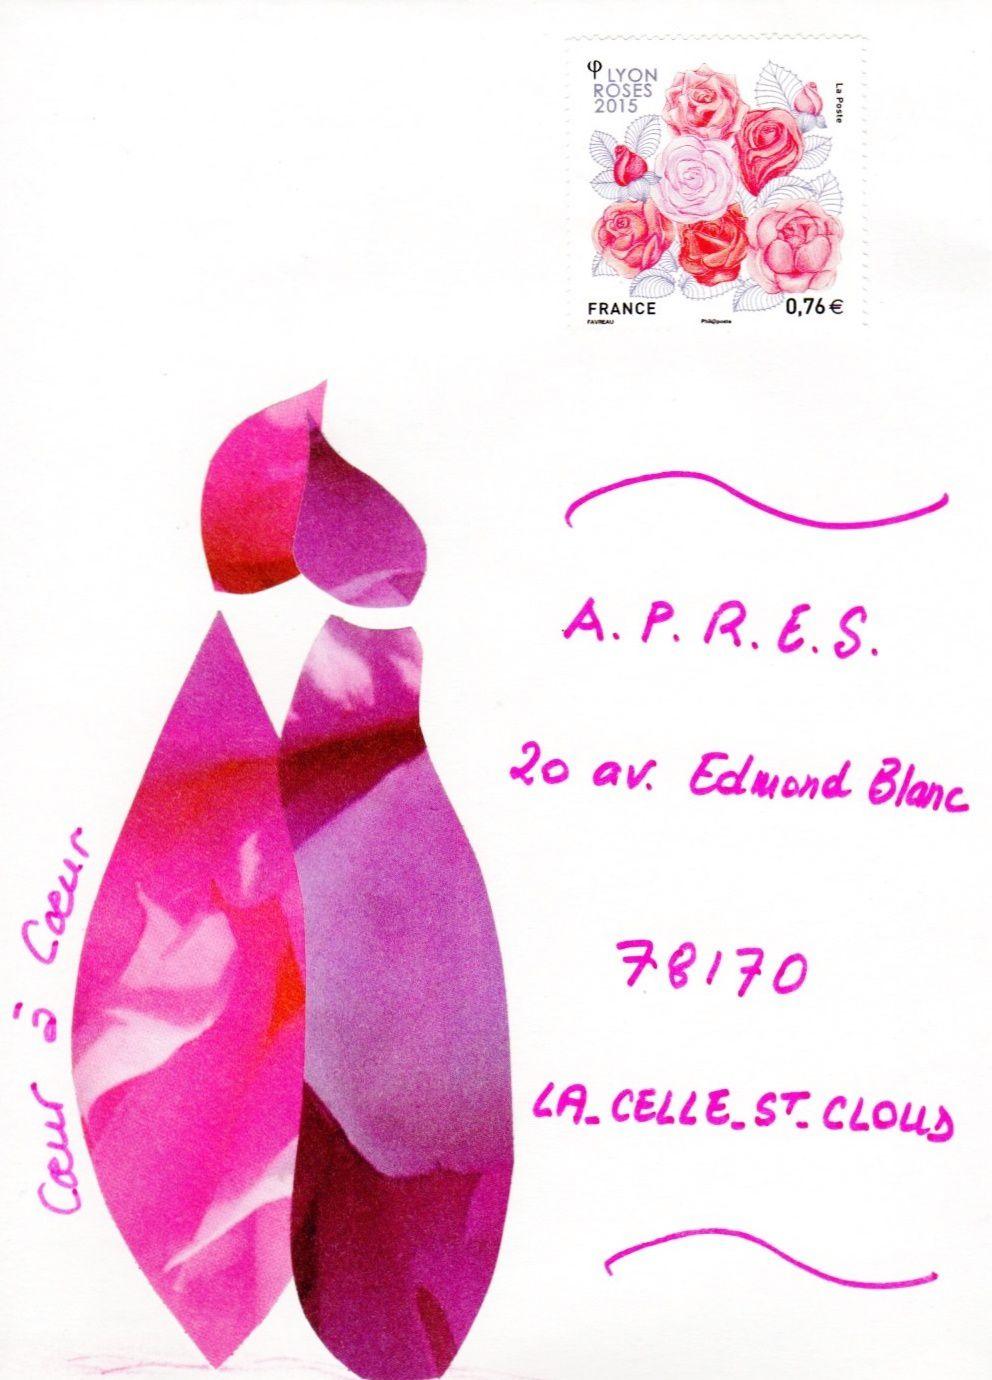 Sur cette enveloppe ♥ @ ♥ : timbre « Lyon roses 2015 ». Auteur Marion Favreau, mai 2015. La Poste